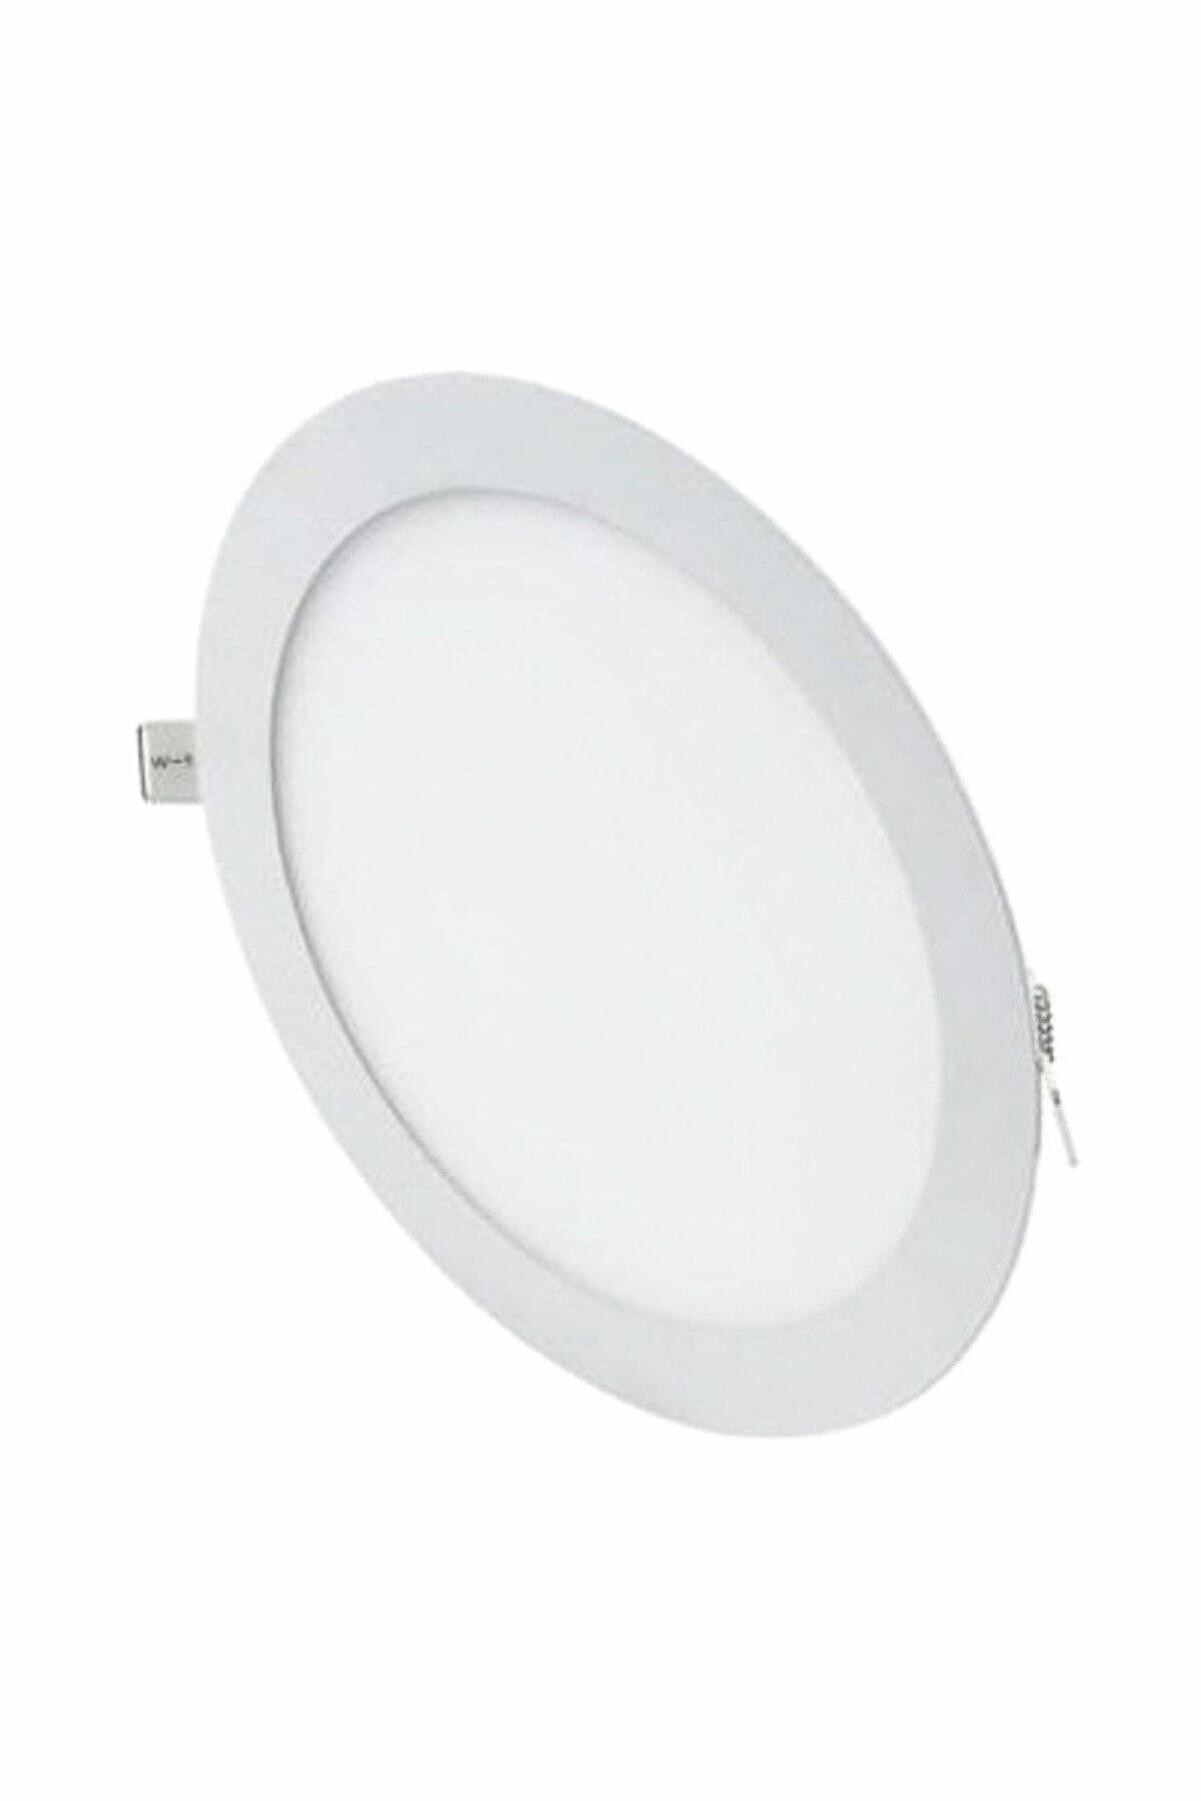 Cata 18W Sıva Altı Led Panel Spot CT-5149 - Gün Işığı - Plastik Kasa